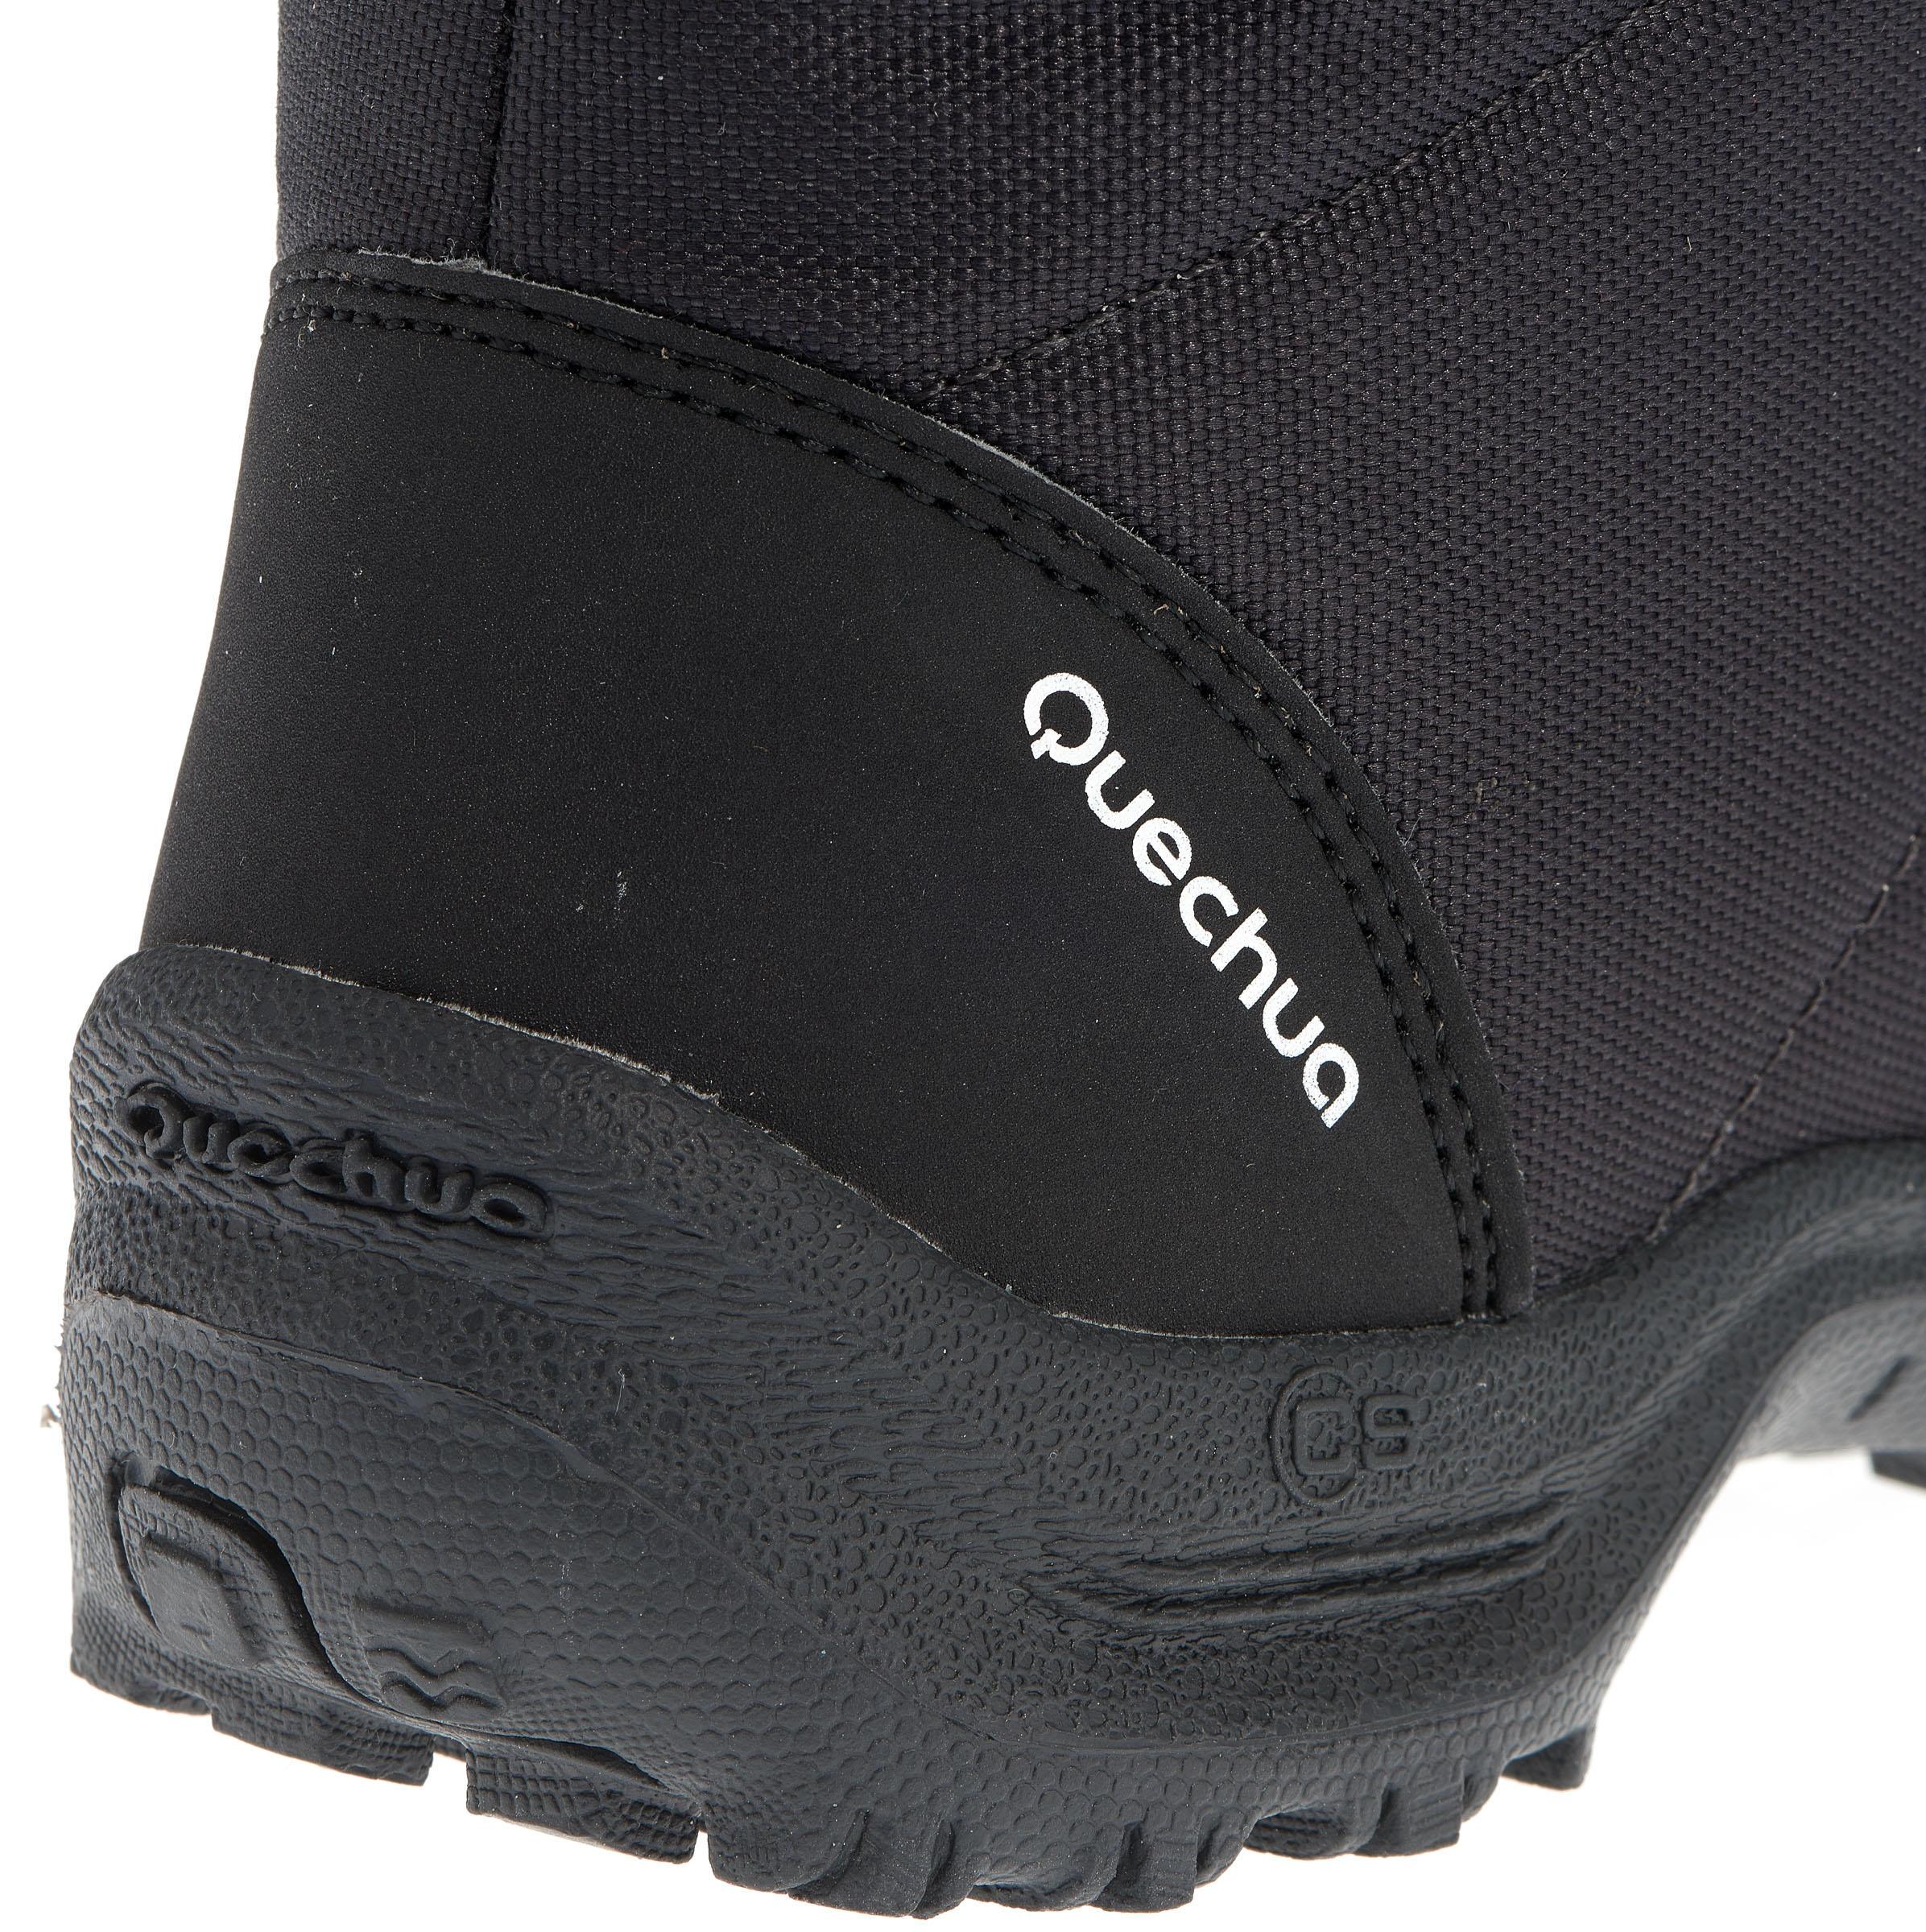 SH100 X-Warm JR Snow Hiking Boots - Black